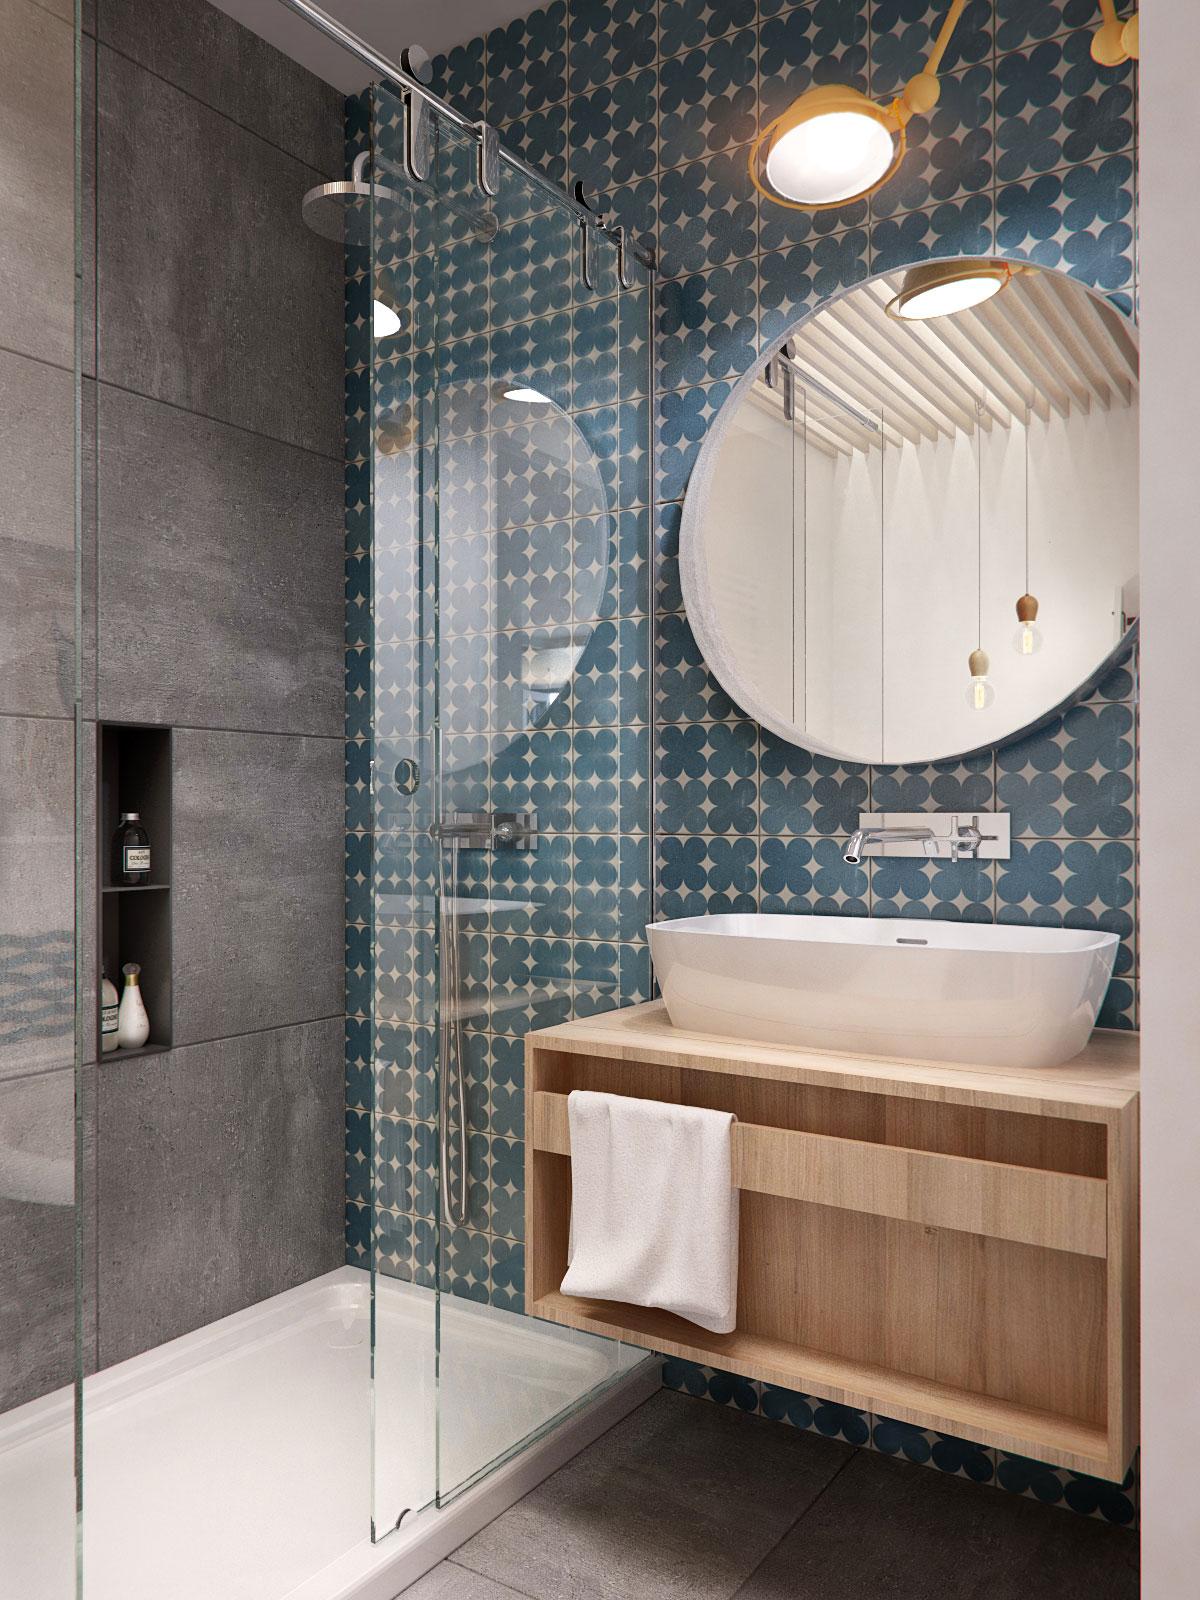 Плитка в восточном стиле в интерьере ванной комнаты